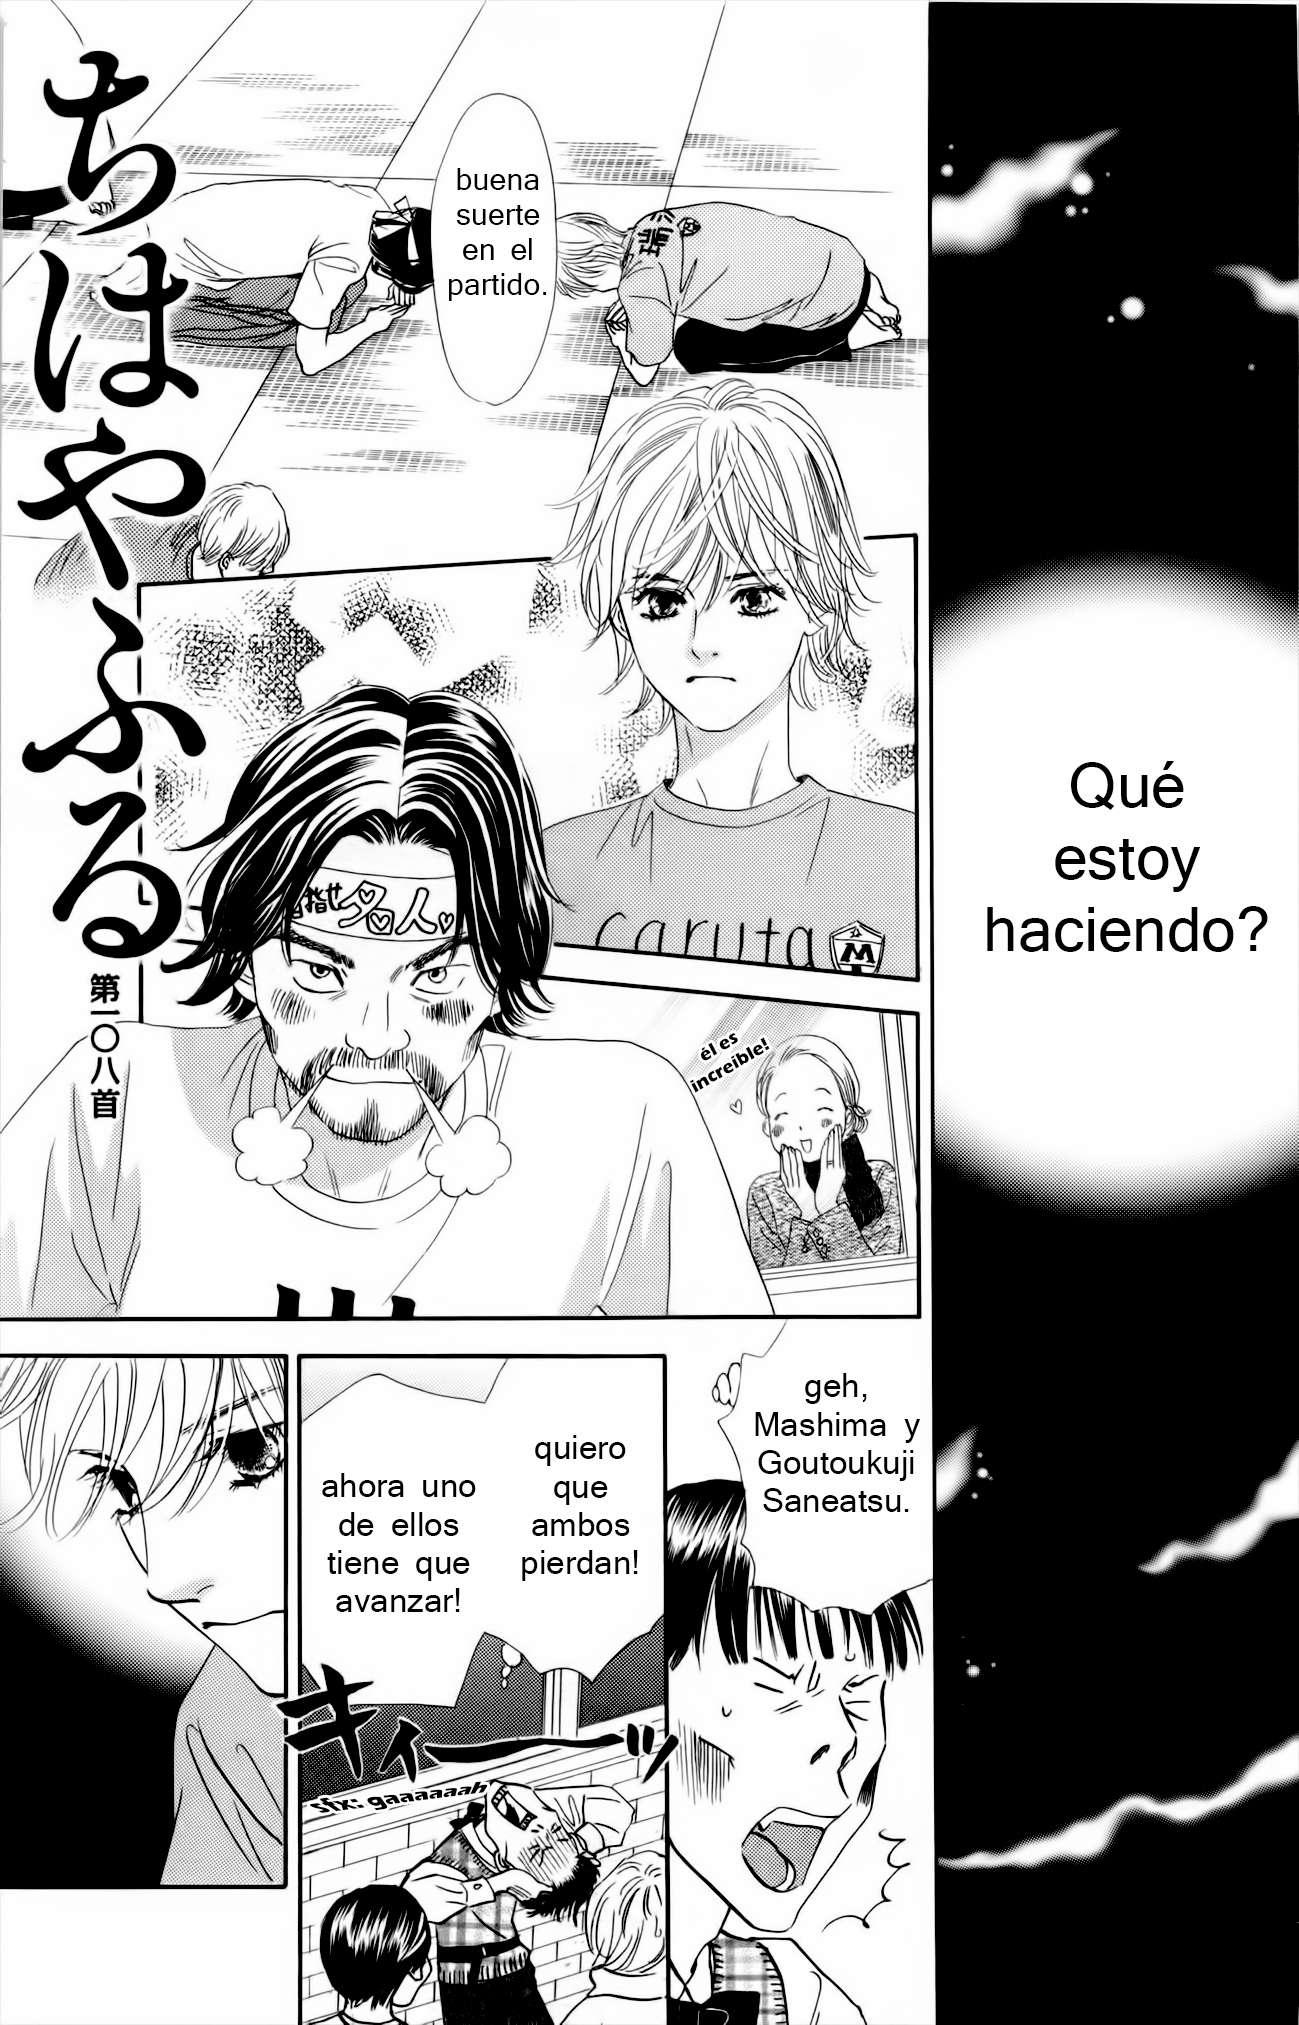 http://c5.ninemanga.com/es_manga/32/1824/380960/0937fb5864ed06ffb59ae5f9b5ed67a9.jpg Page 2